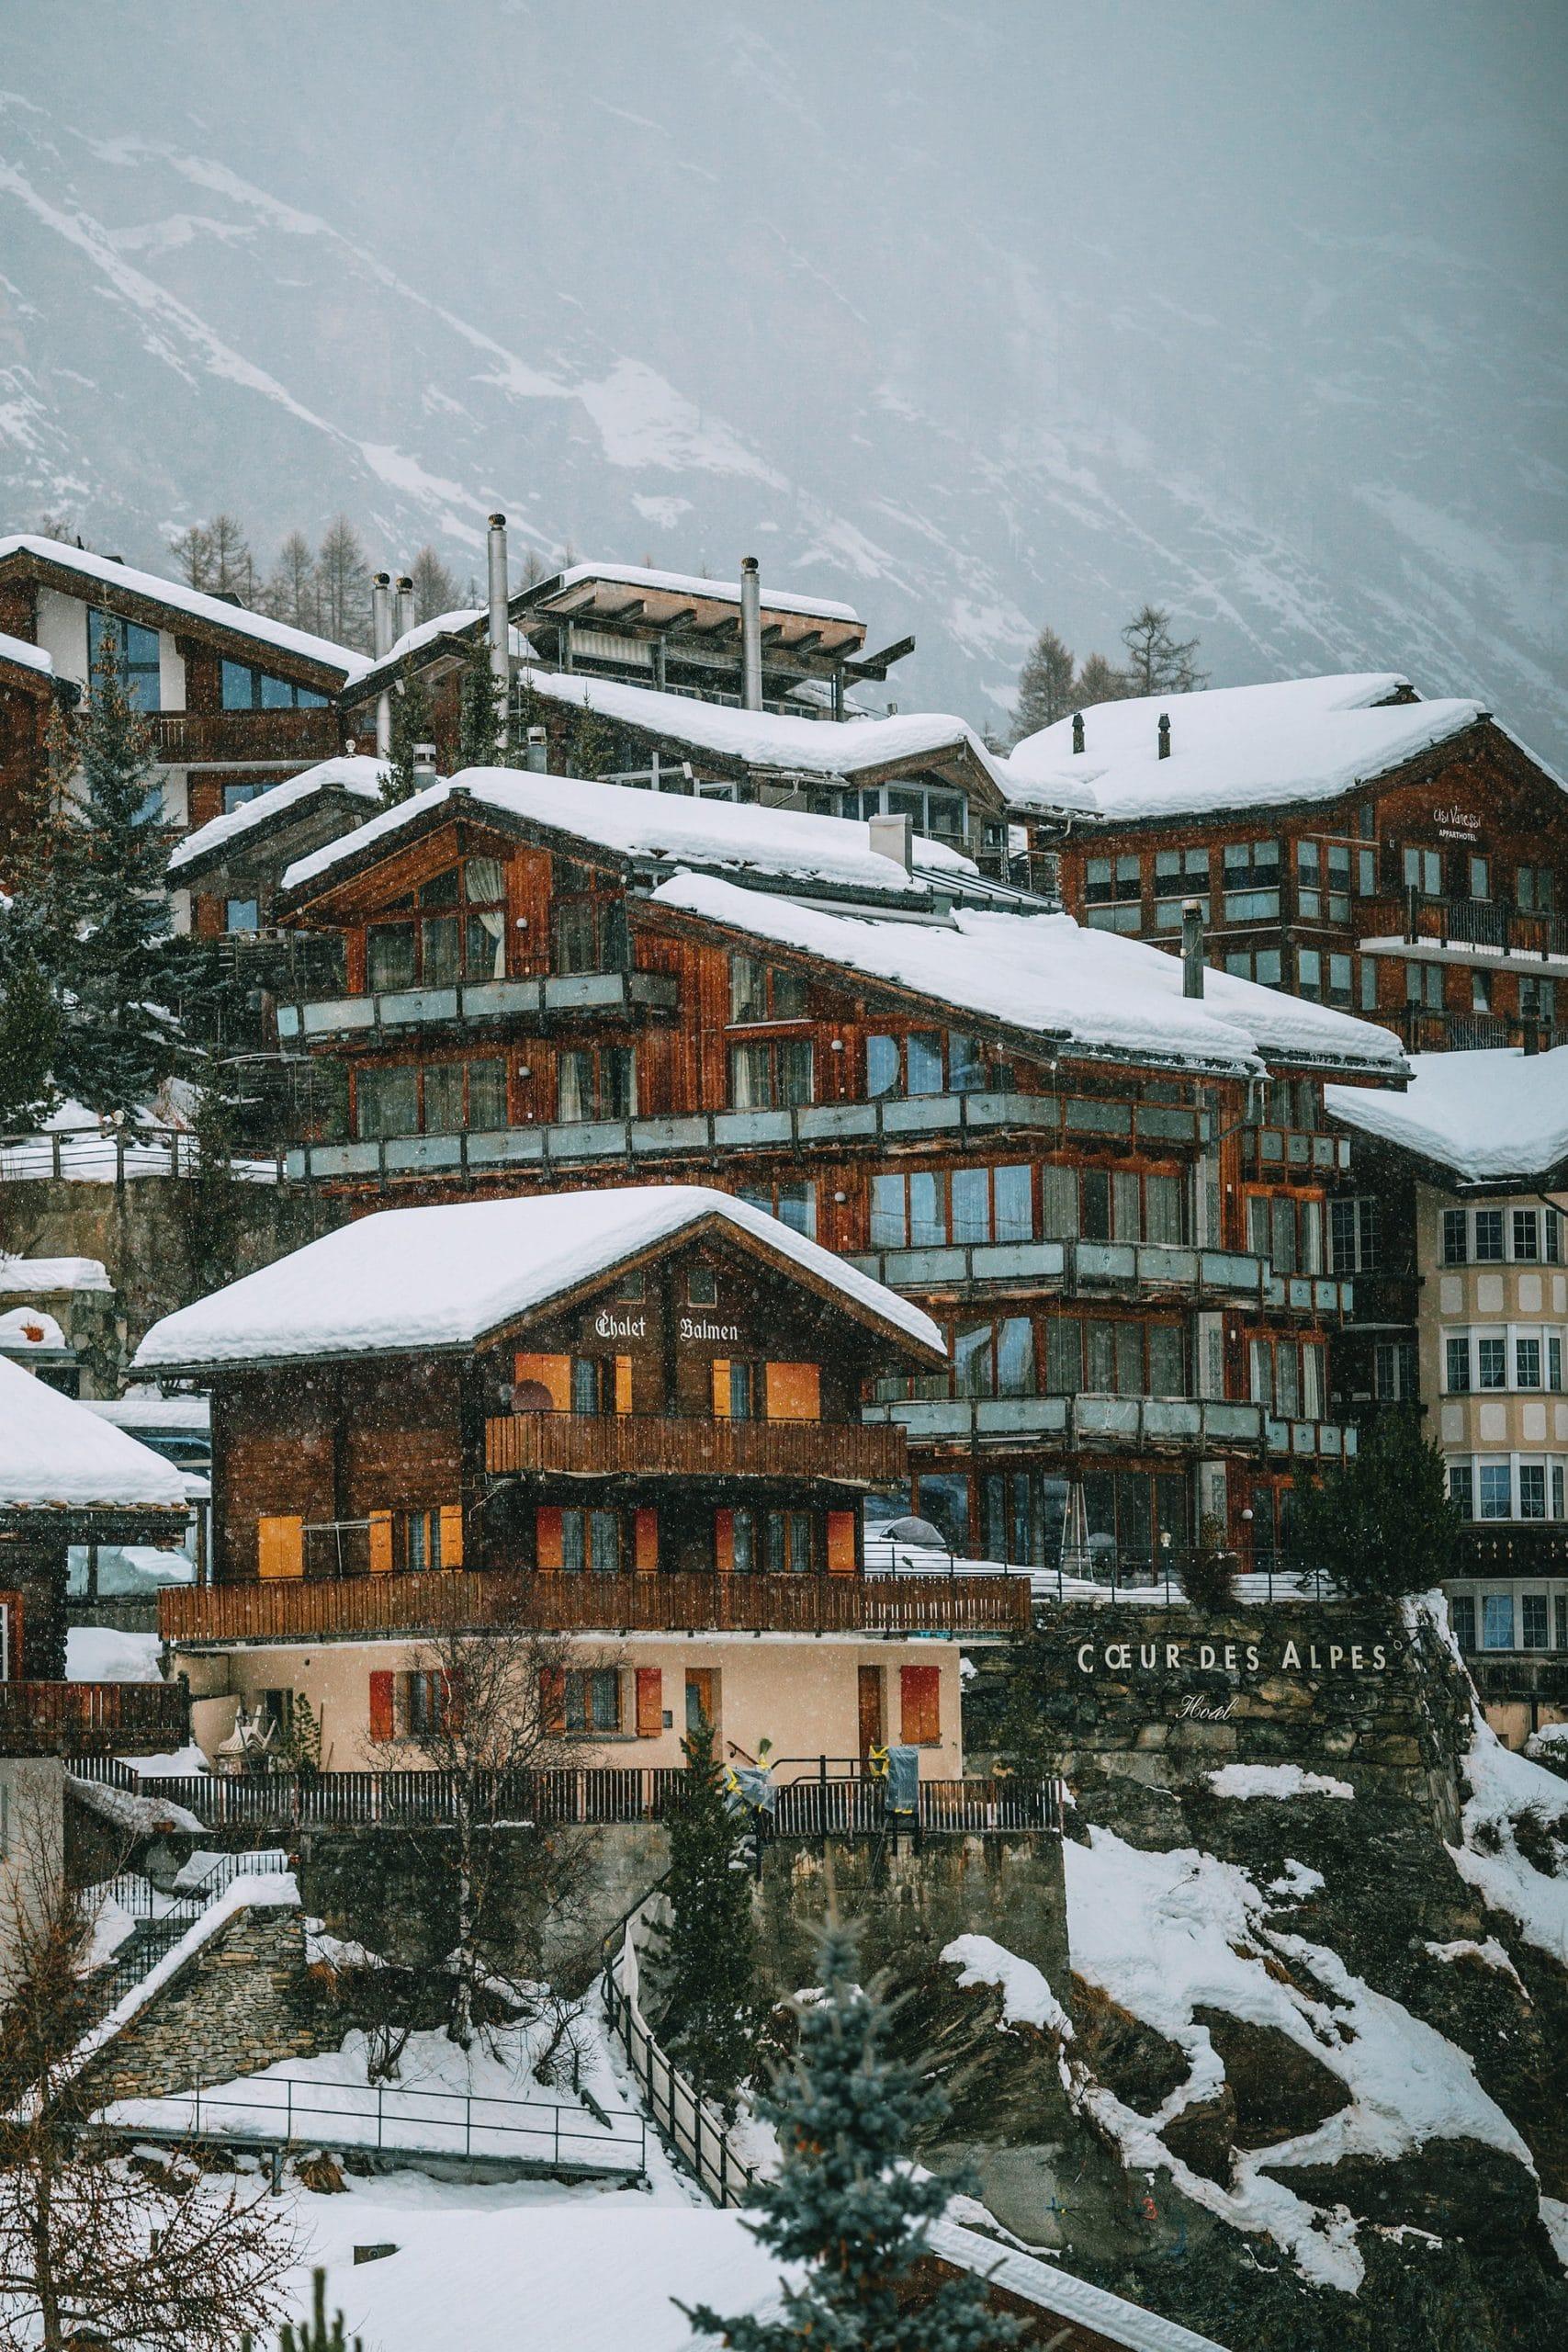 Tips for Securing a Ski Chalet Job